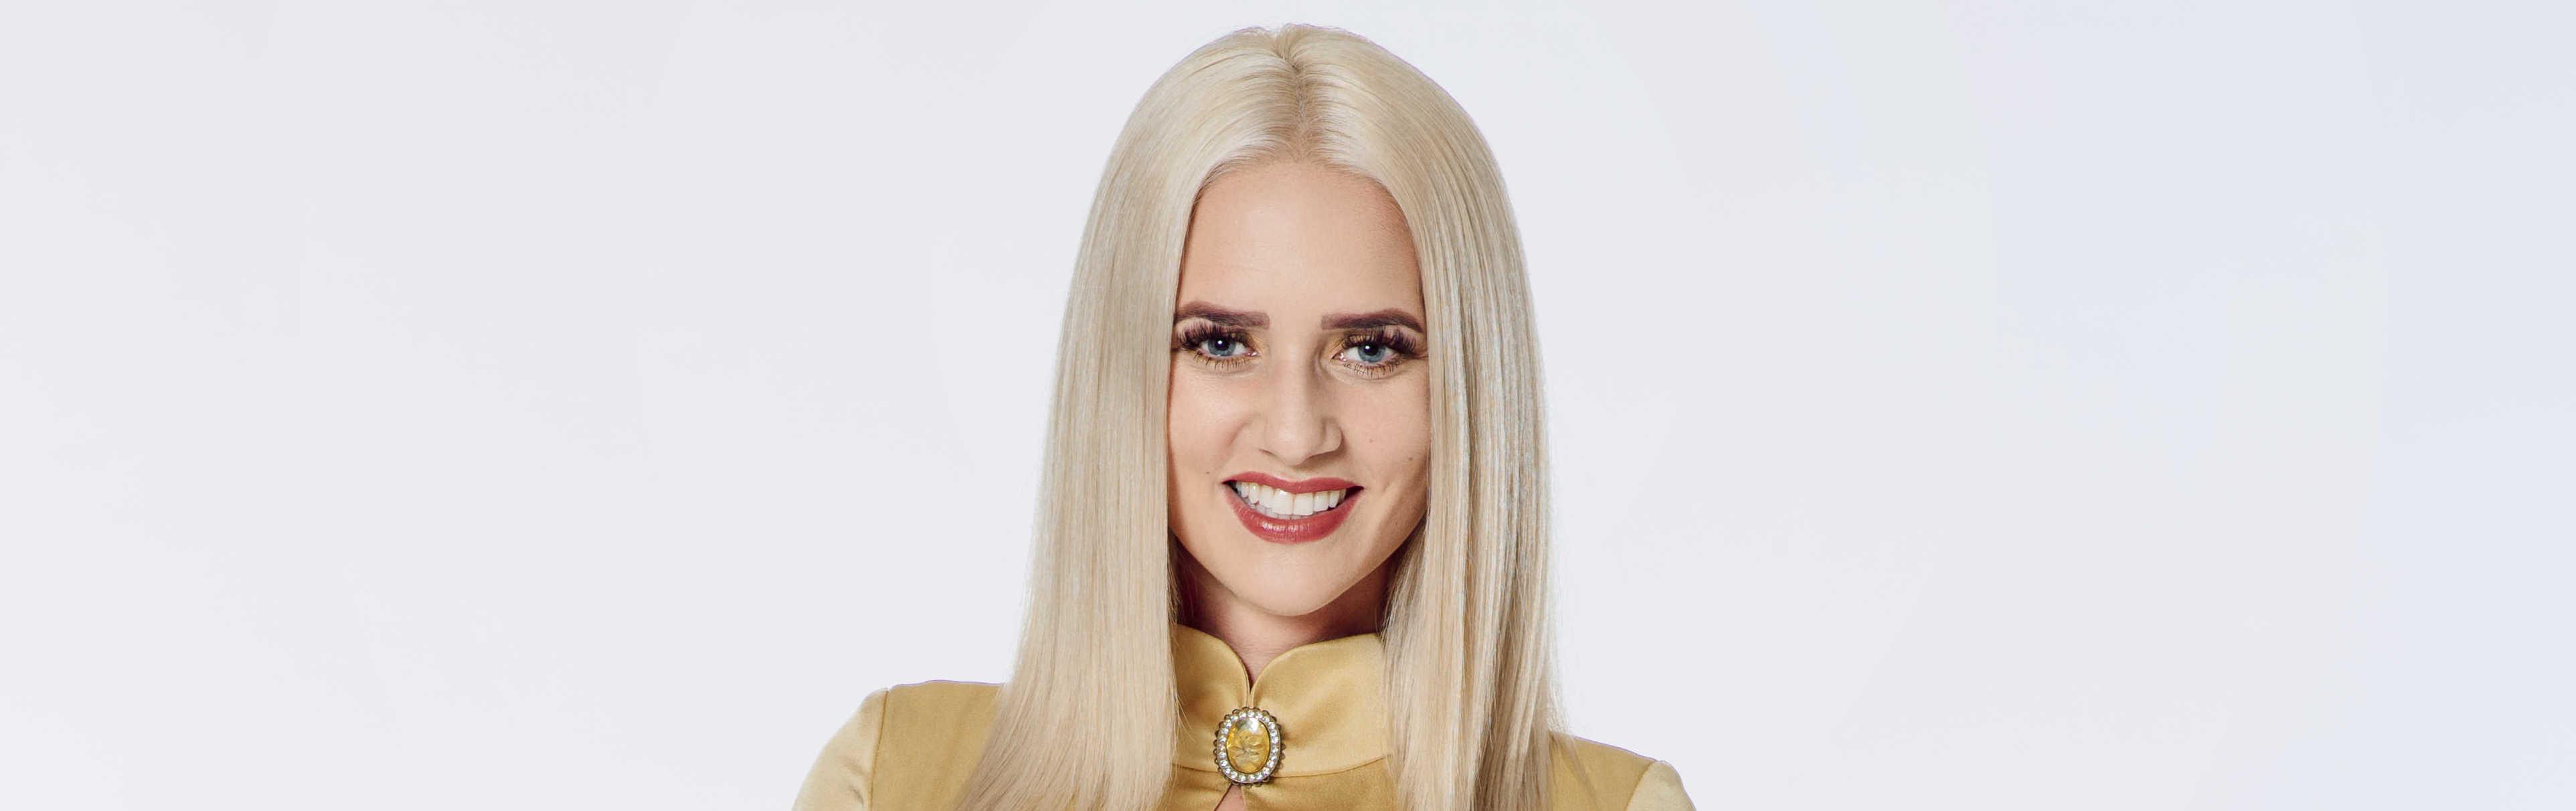 Sarah Knappik Promi Big Brother 2017 Kandidaten Bewohner Sarah Dingens